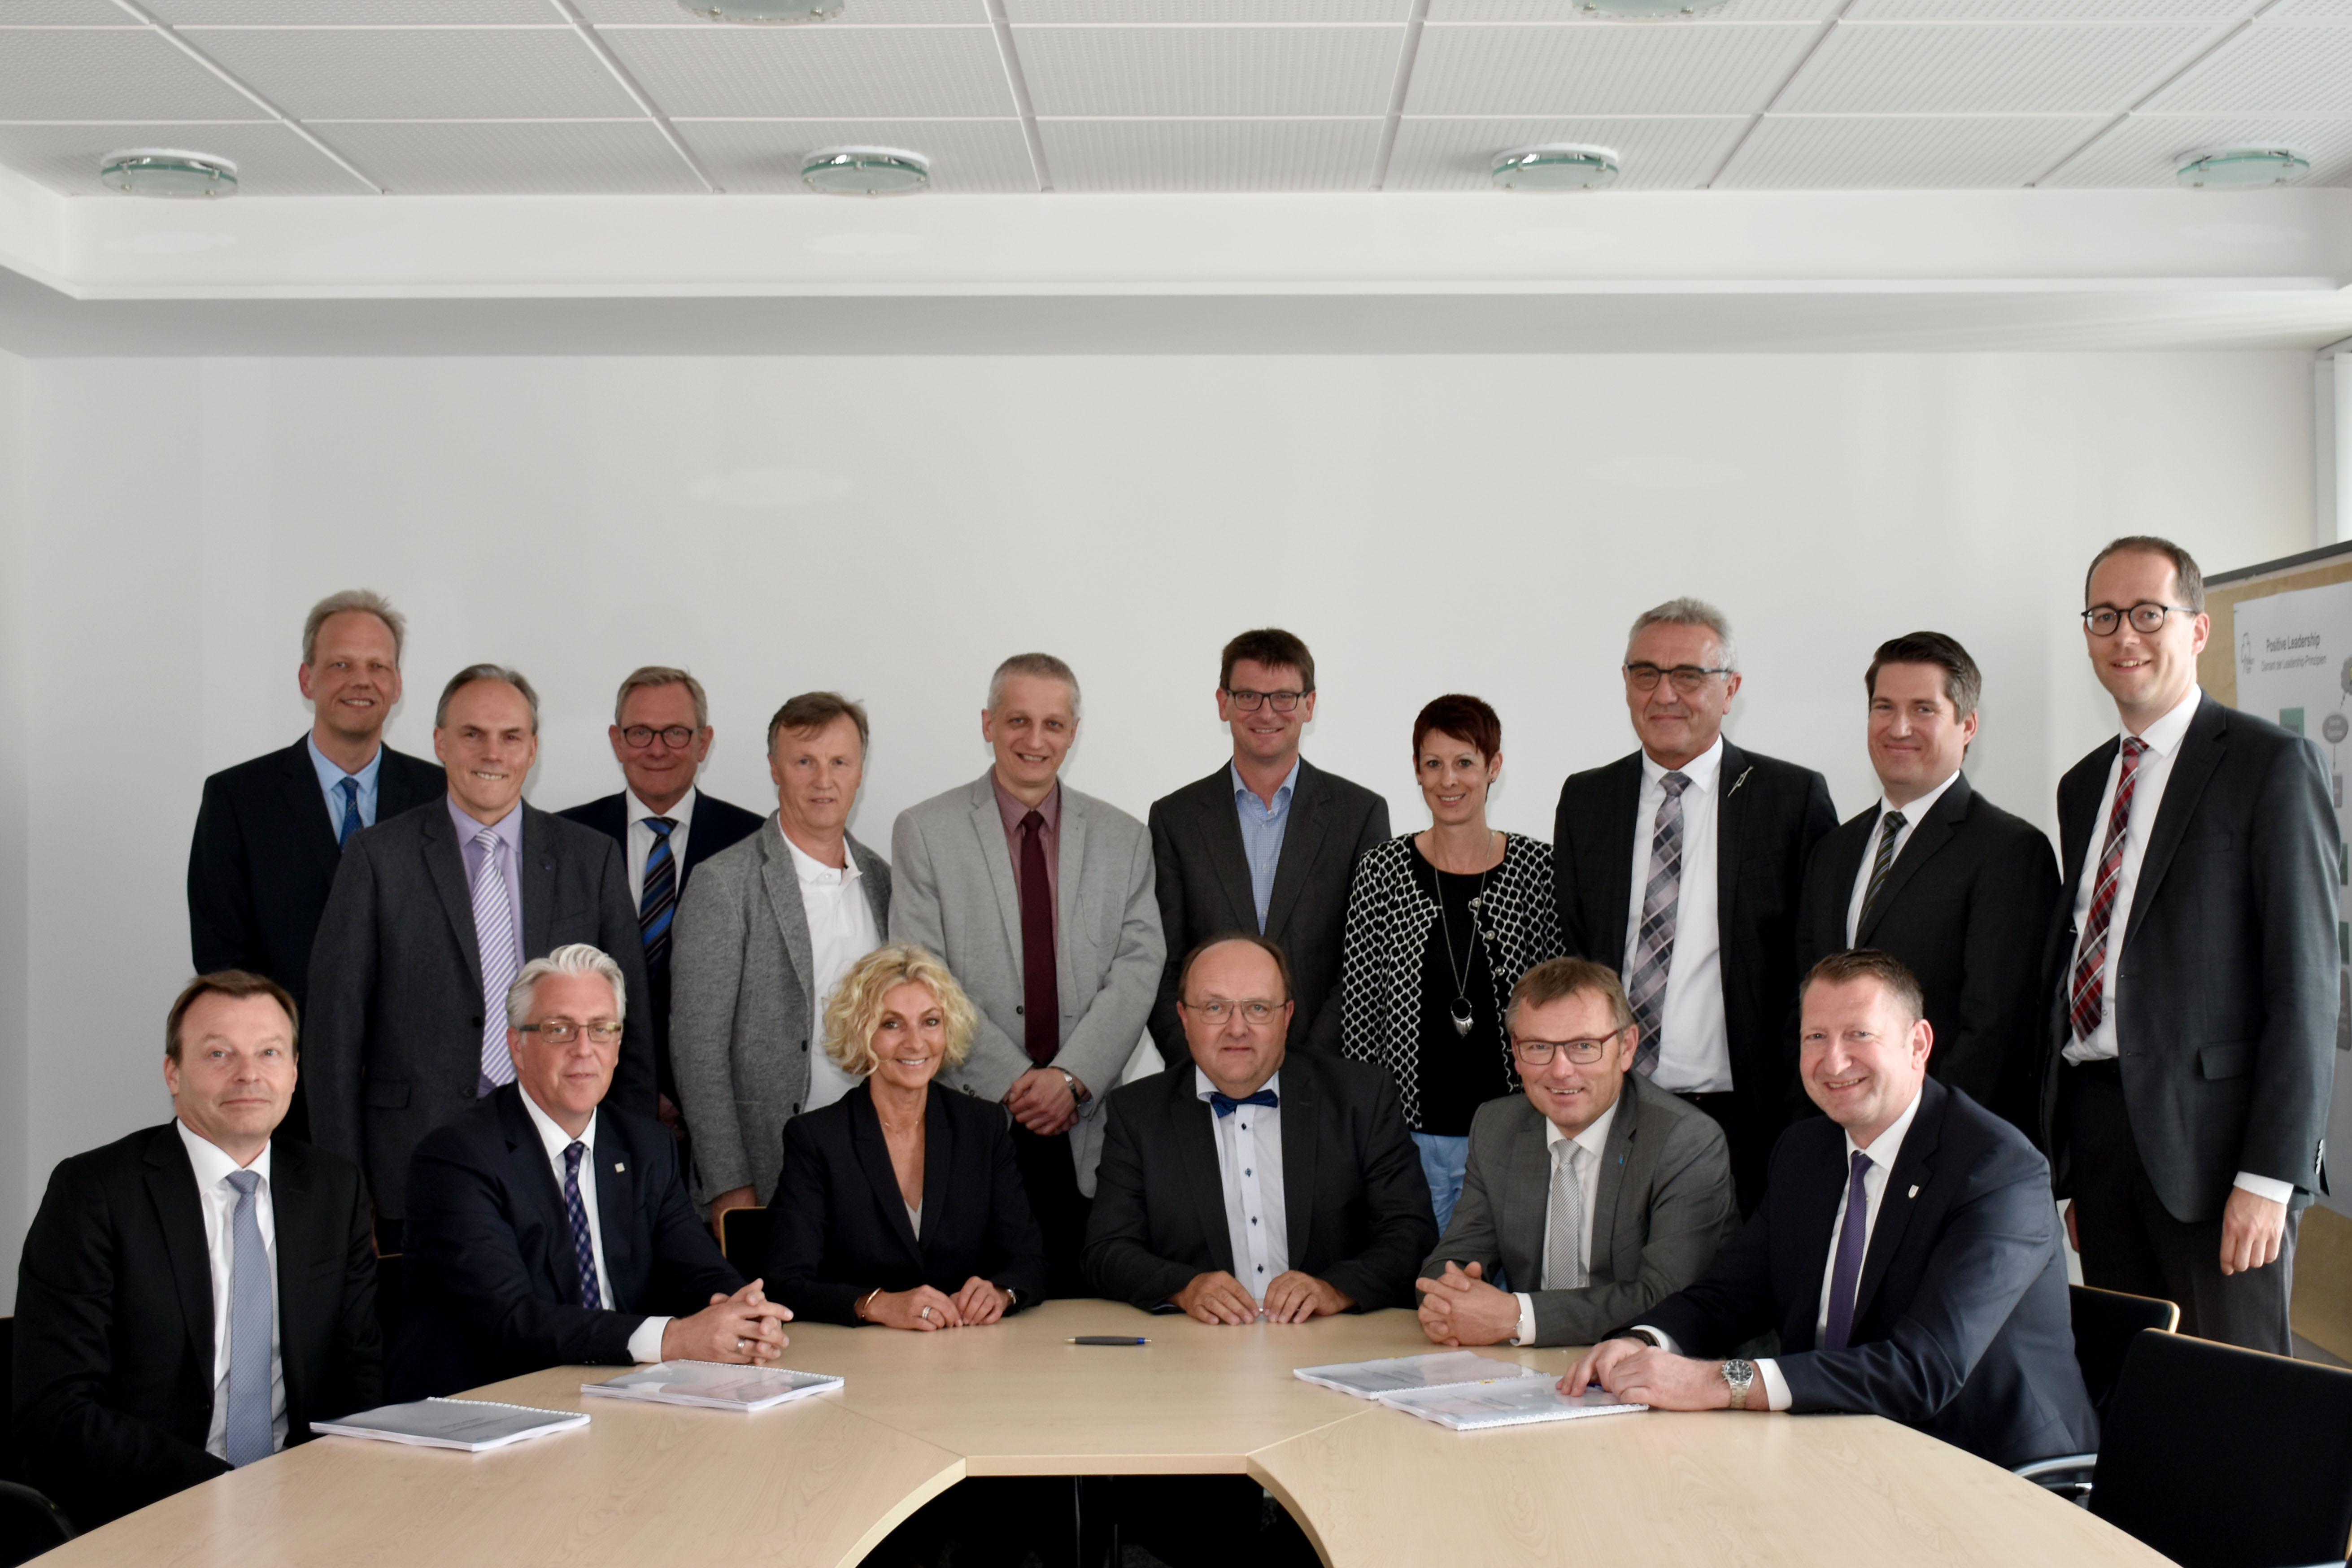 Unterzeichnung einer Rahmenvereinbarung mit dem Einkaufsdienstleister Prospitalia